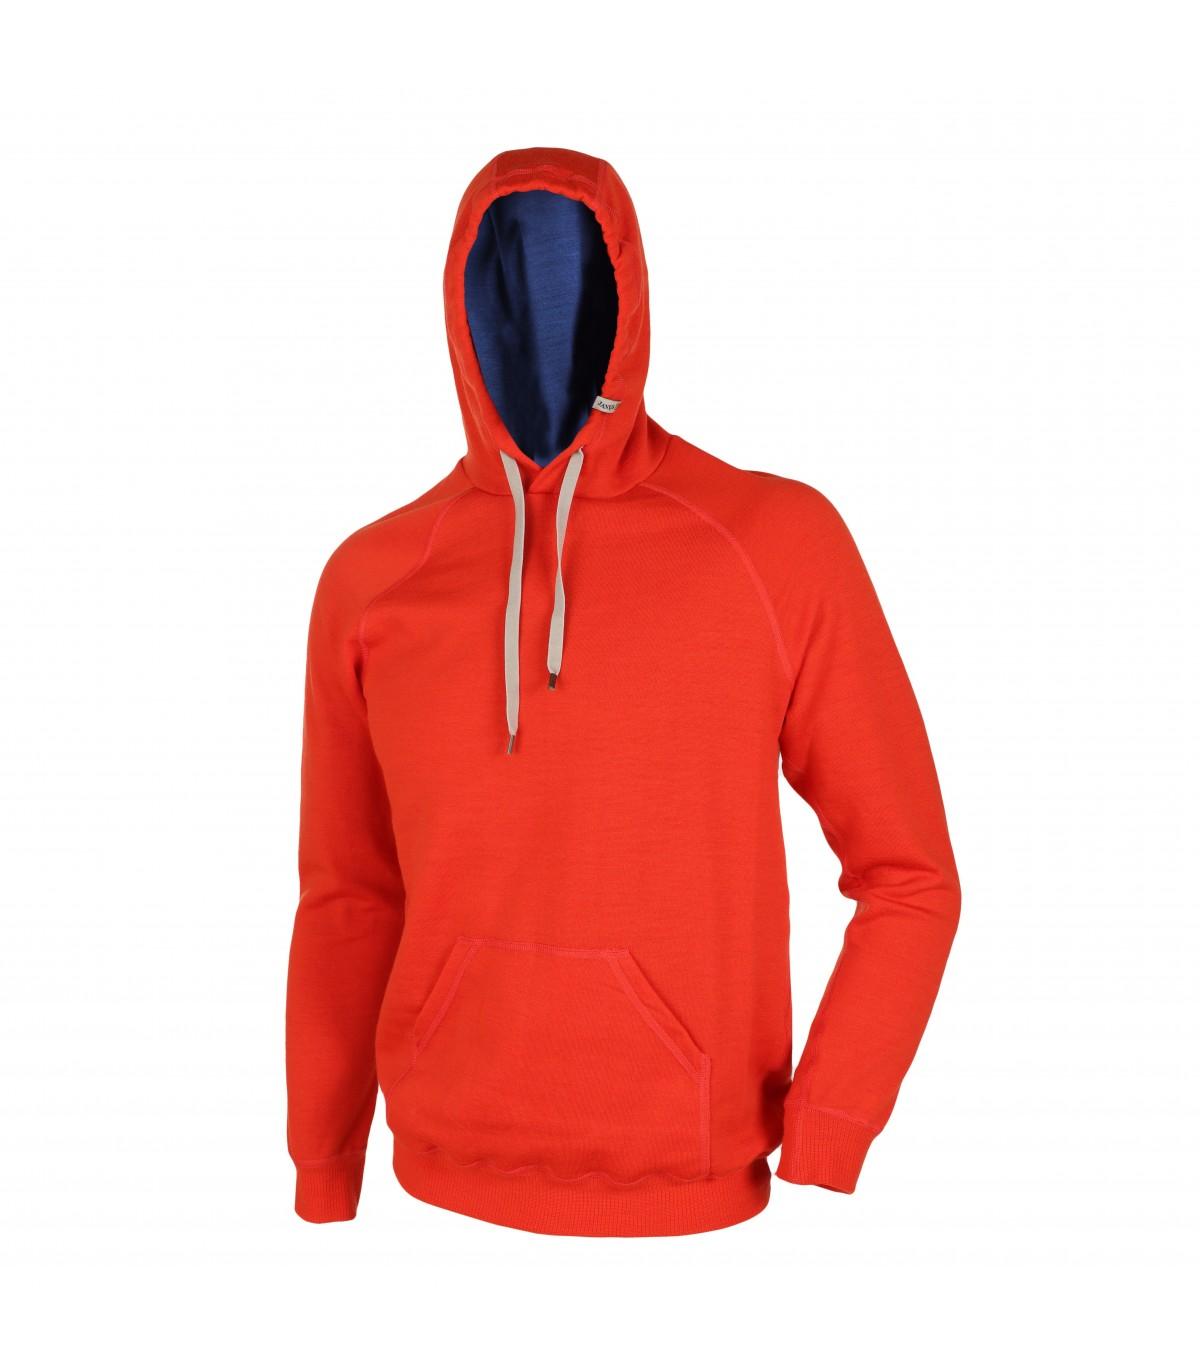 Sport Jacke Damen Merino Herren Kleidung Und Warme Wolle Reine DIYWHE92